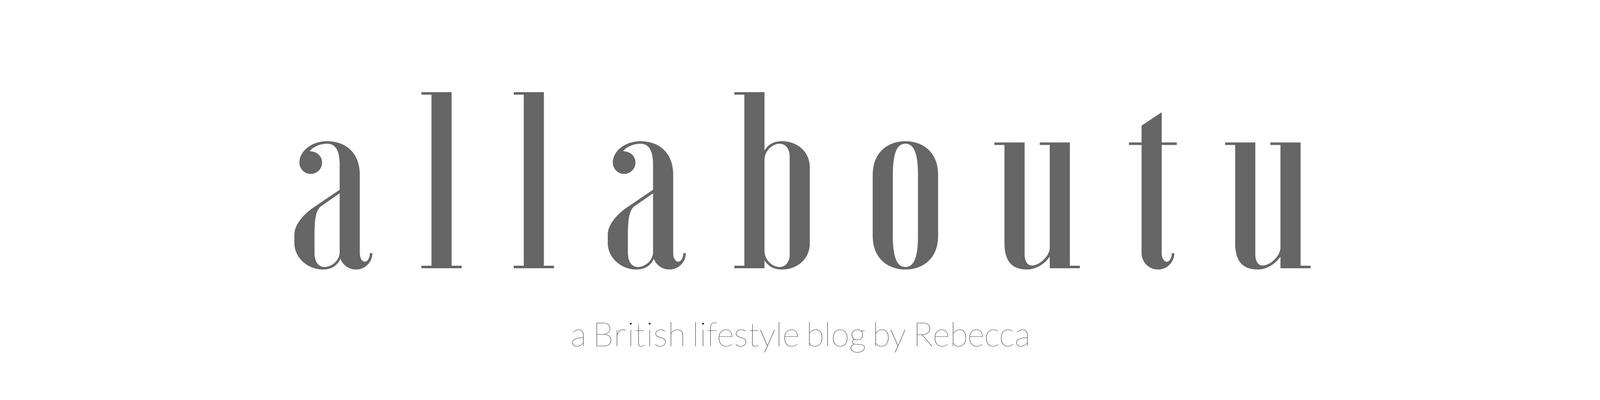 AAUBlog